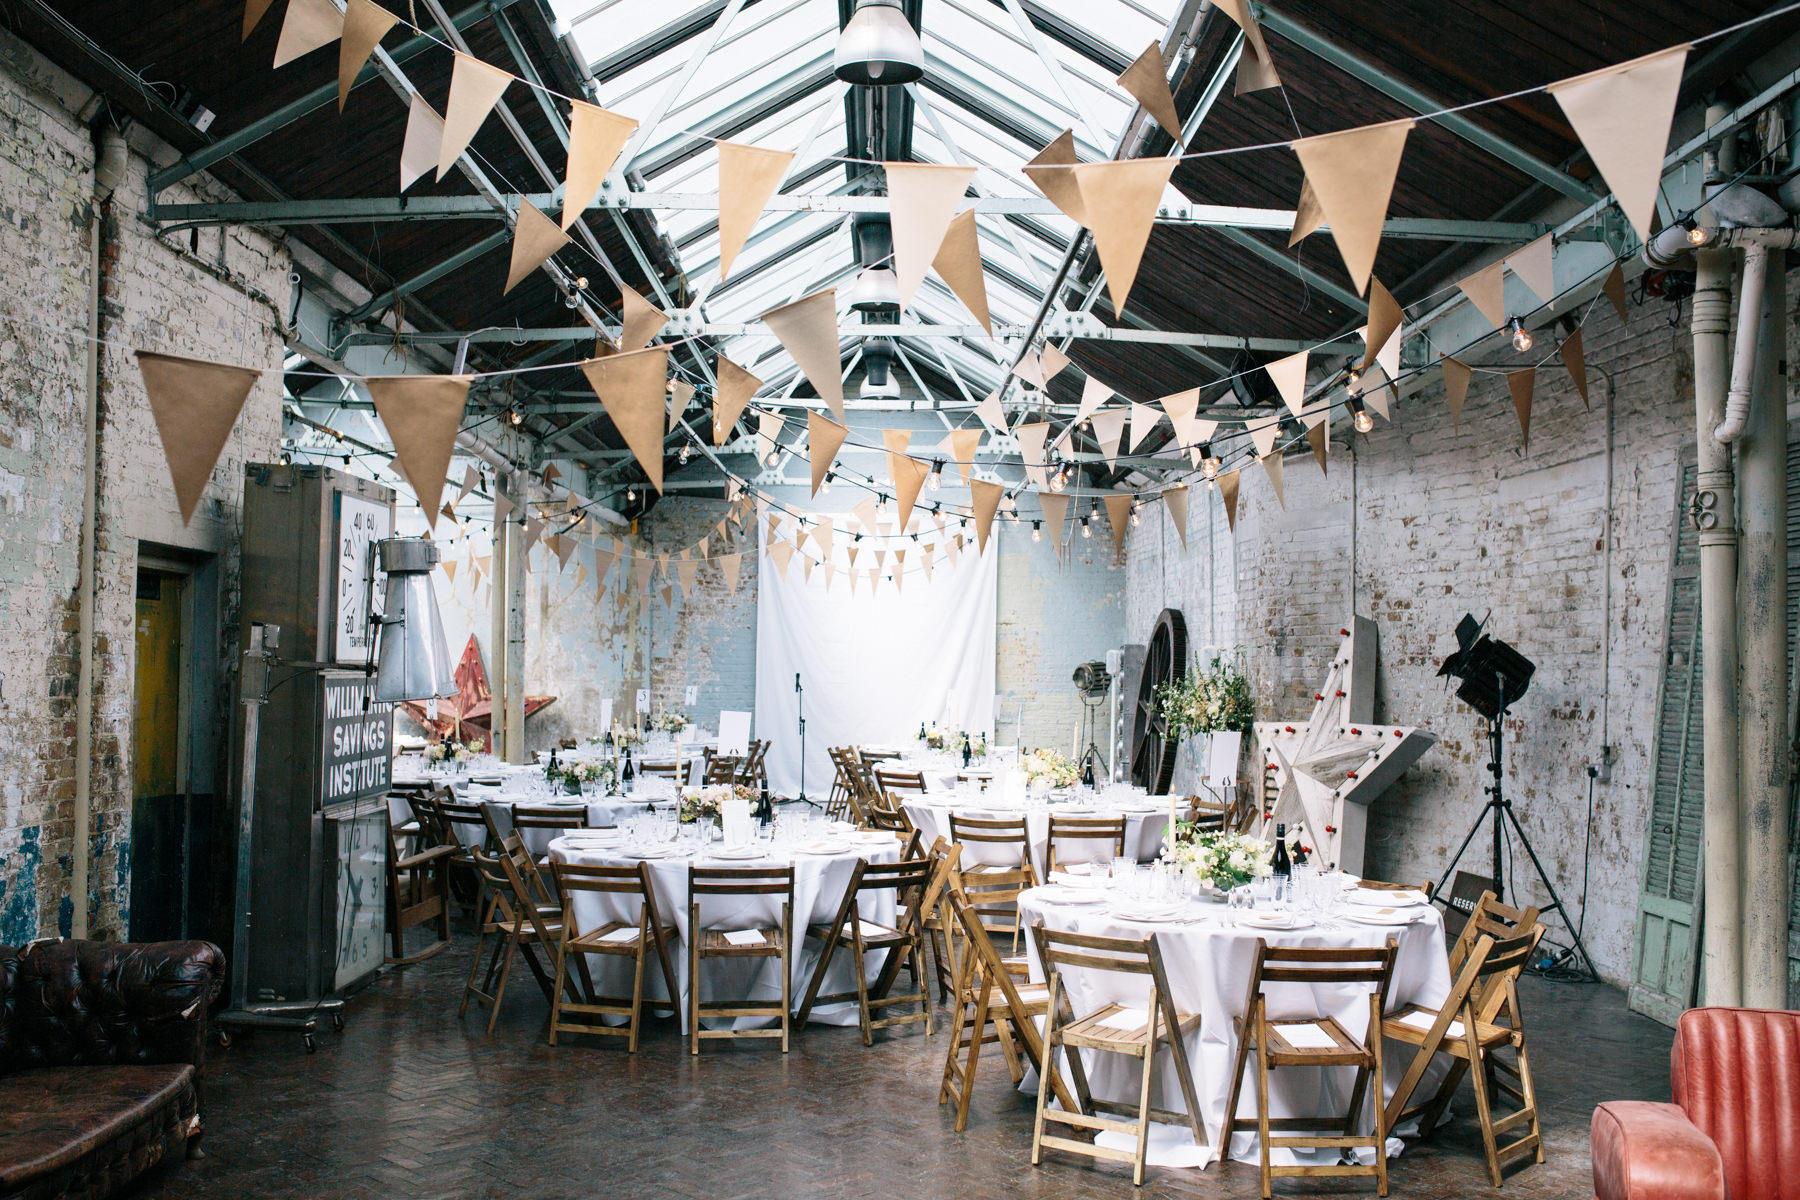 Urban chic wedding location ideas